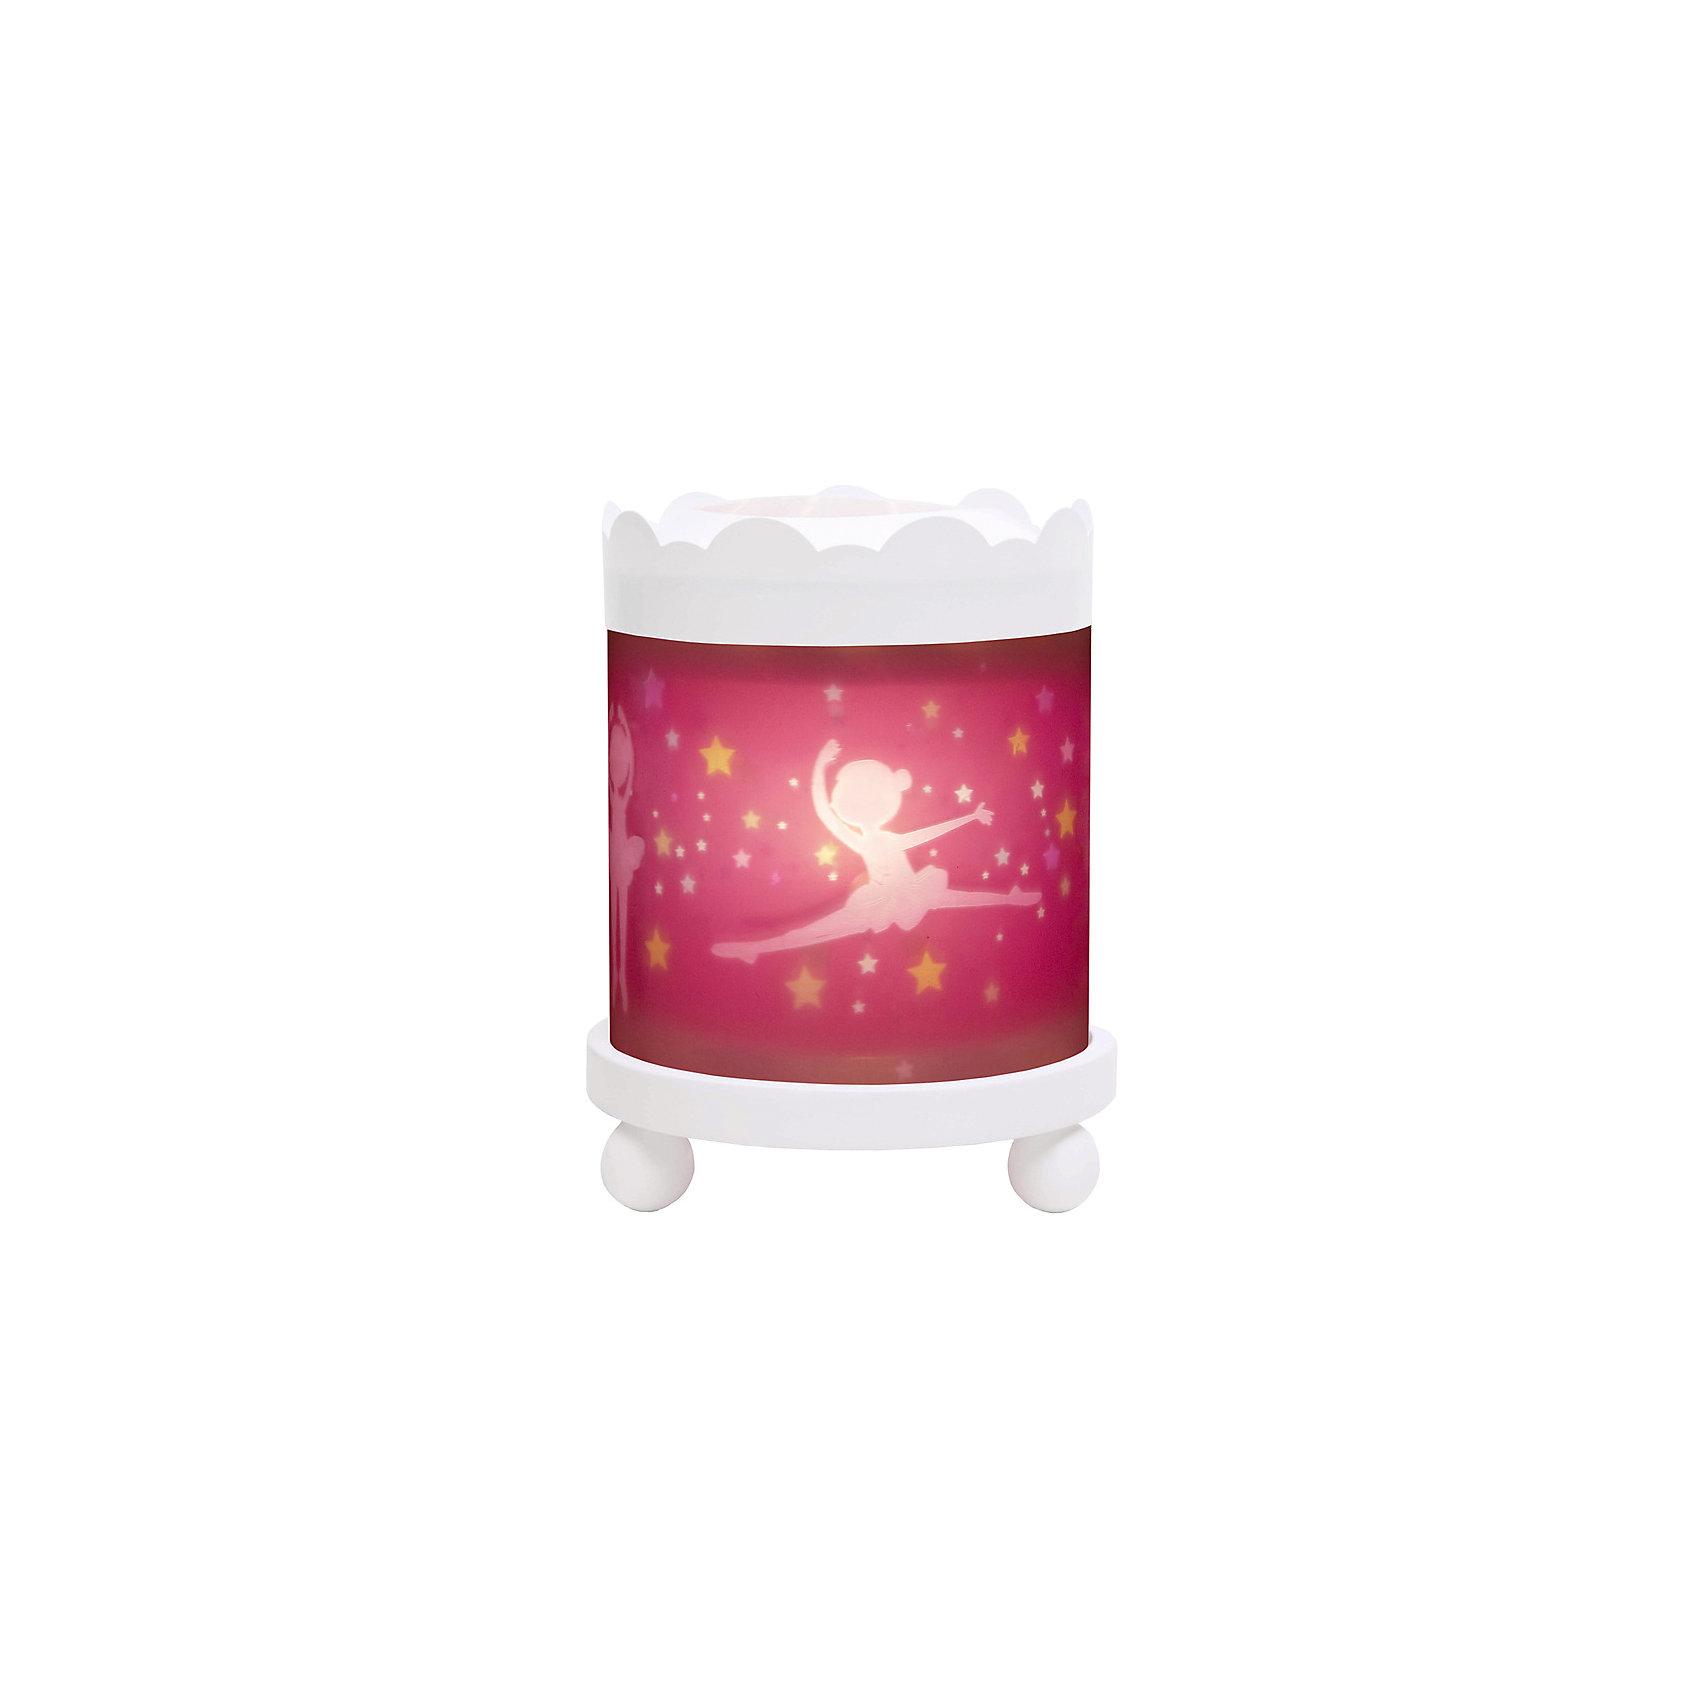 TROUSSELIER Светильник-ночник с функцией проектора Ballerina, Trousselier ночники pabobo ночник мишка путешественник